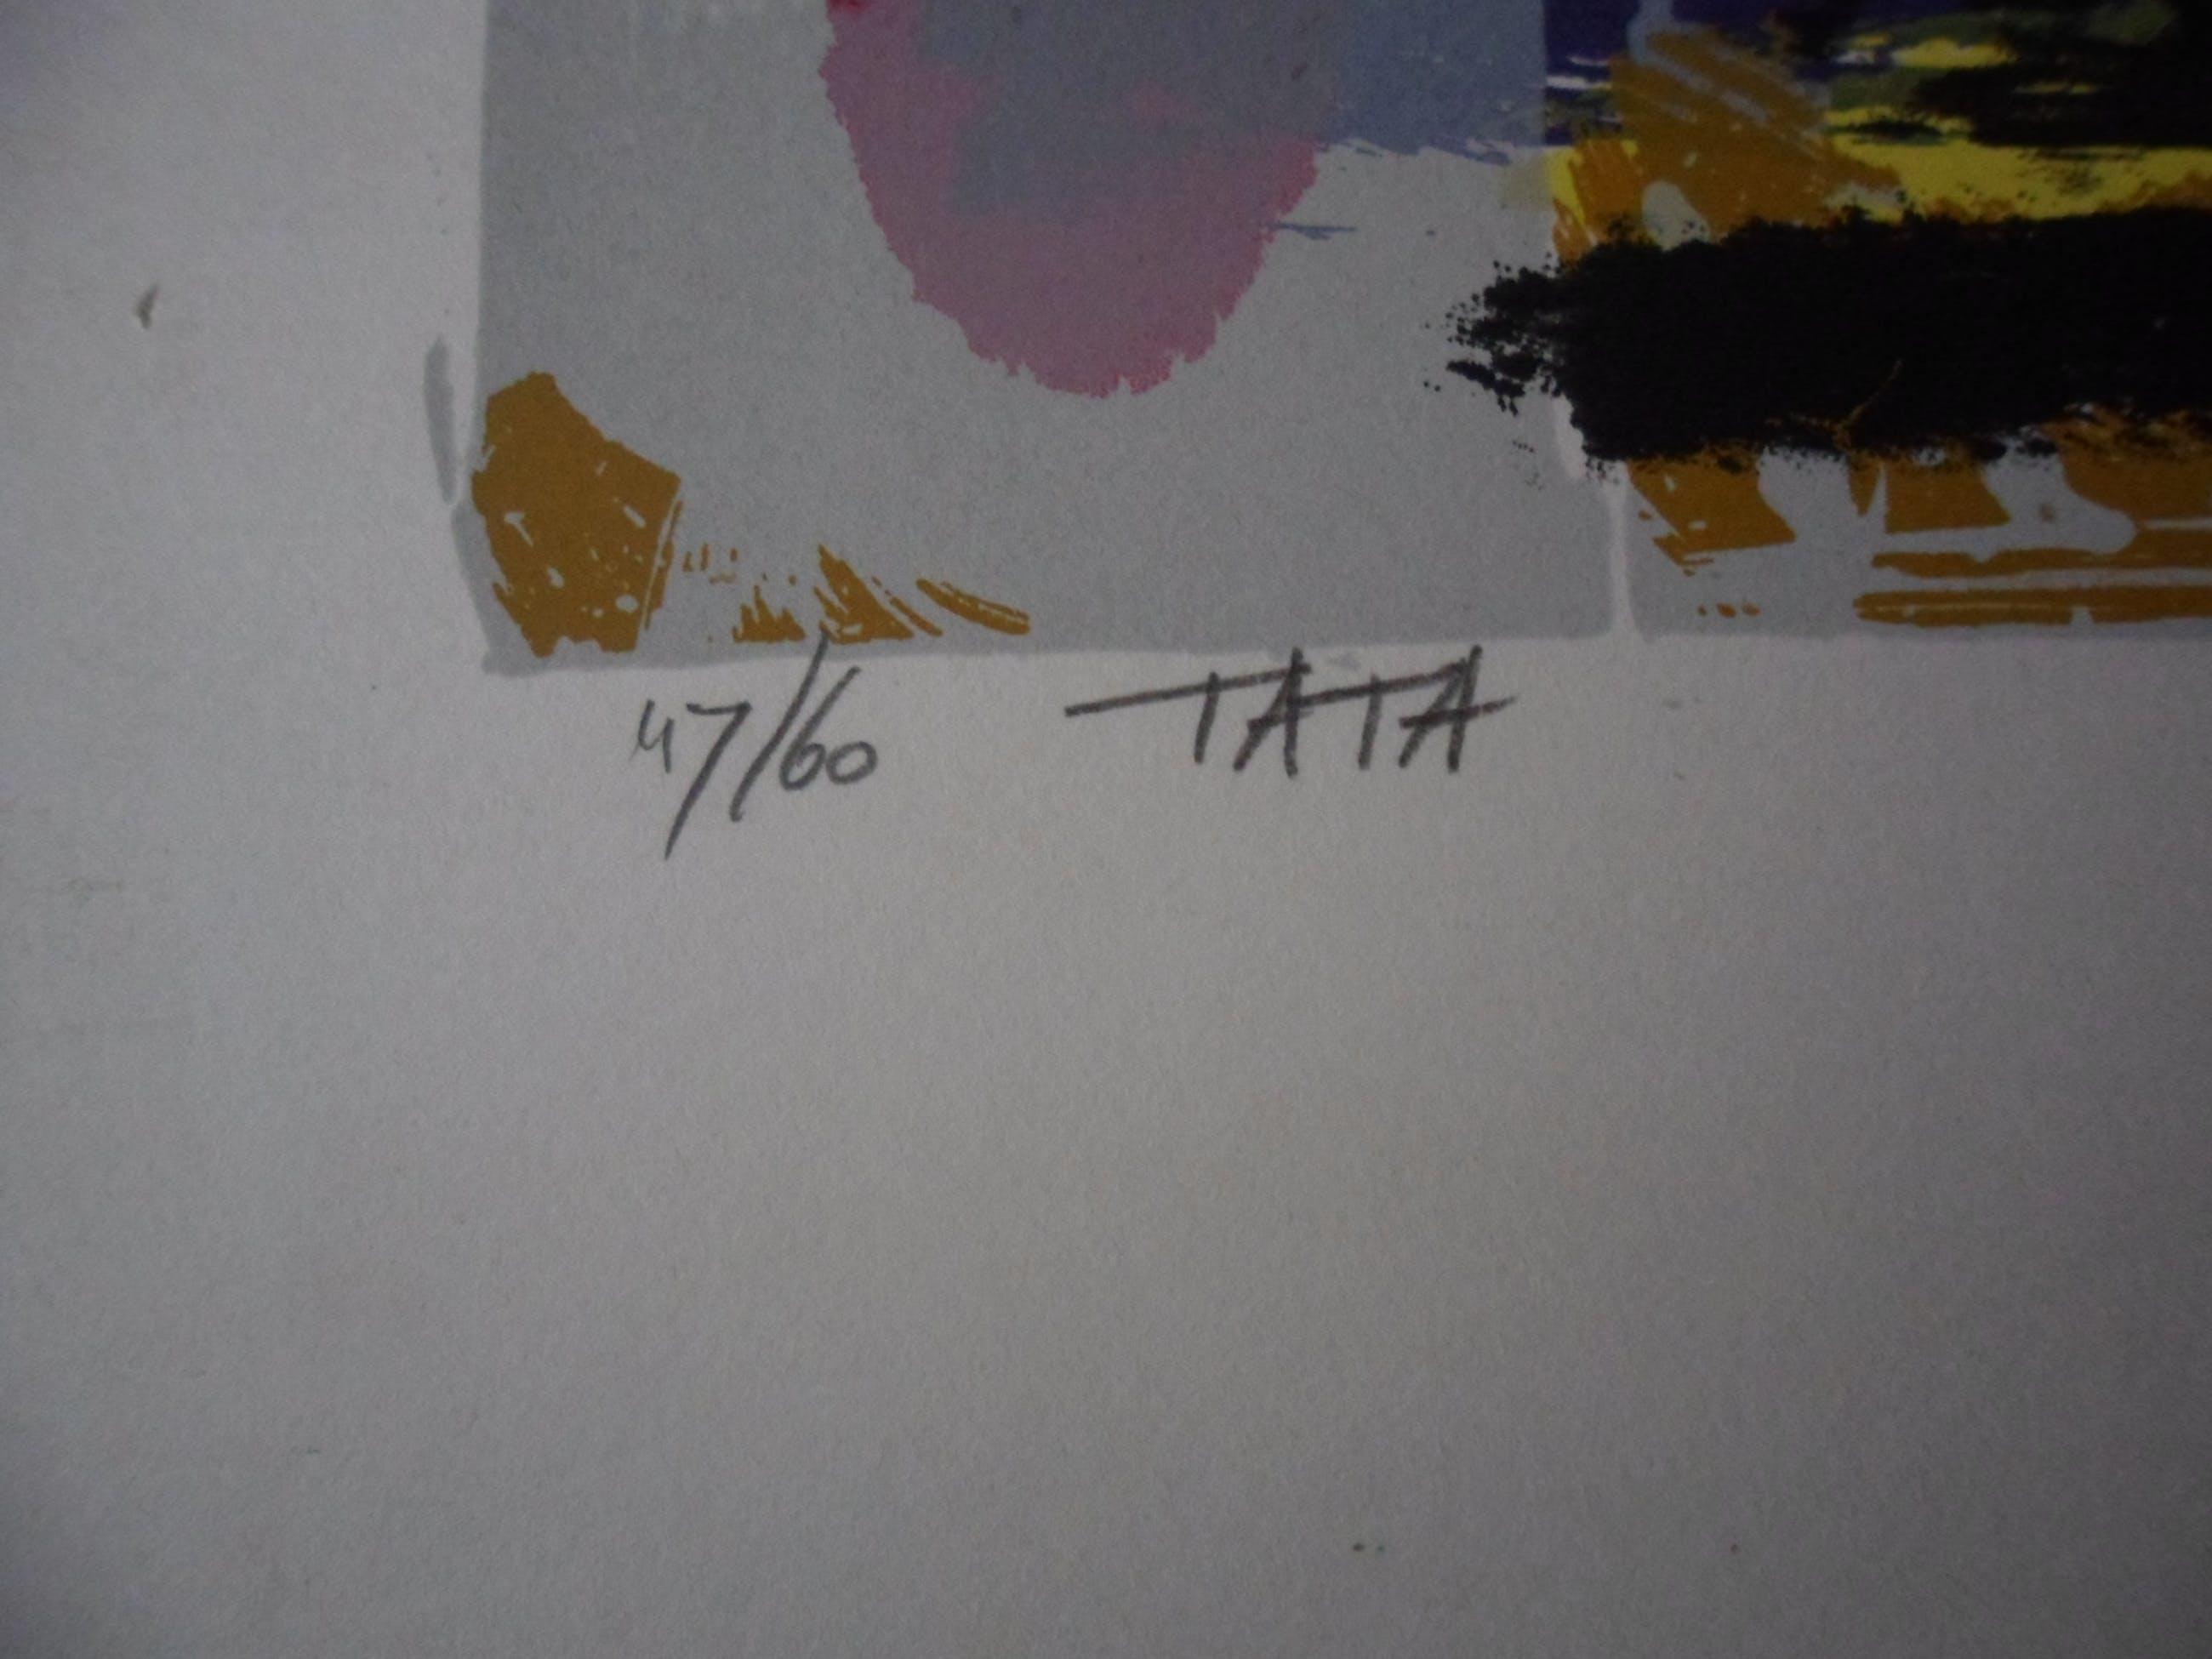 Siebrand Weitenberg - Zeefdruk, Titel, Ta Ta, uit 1991 kopen? Bied vanaf 25!